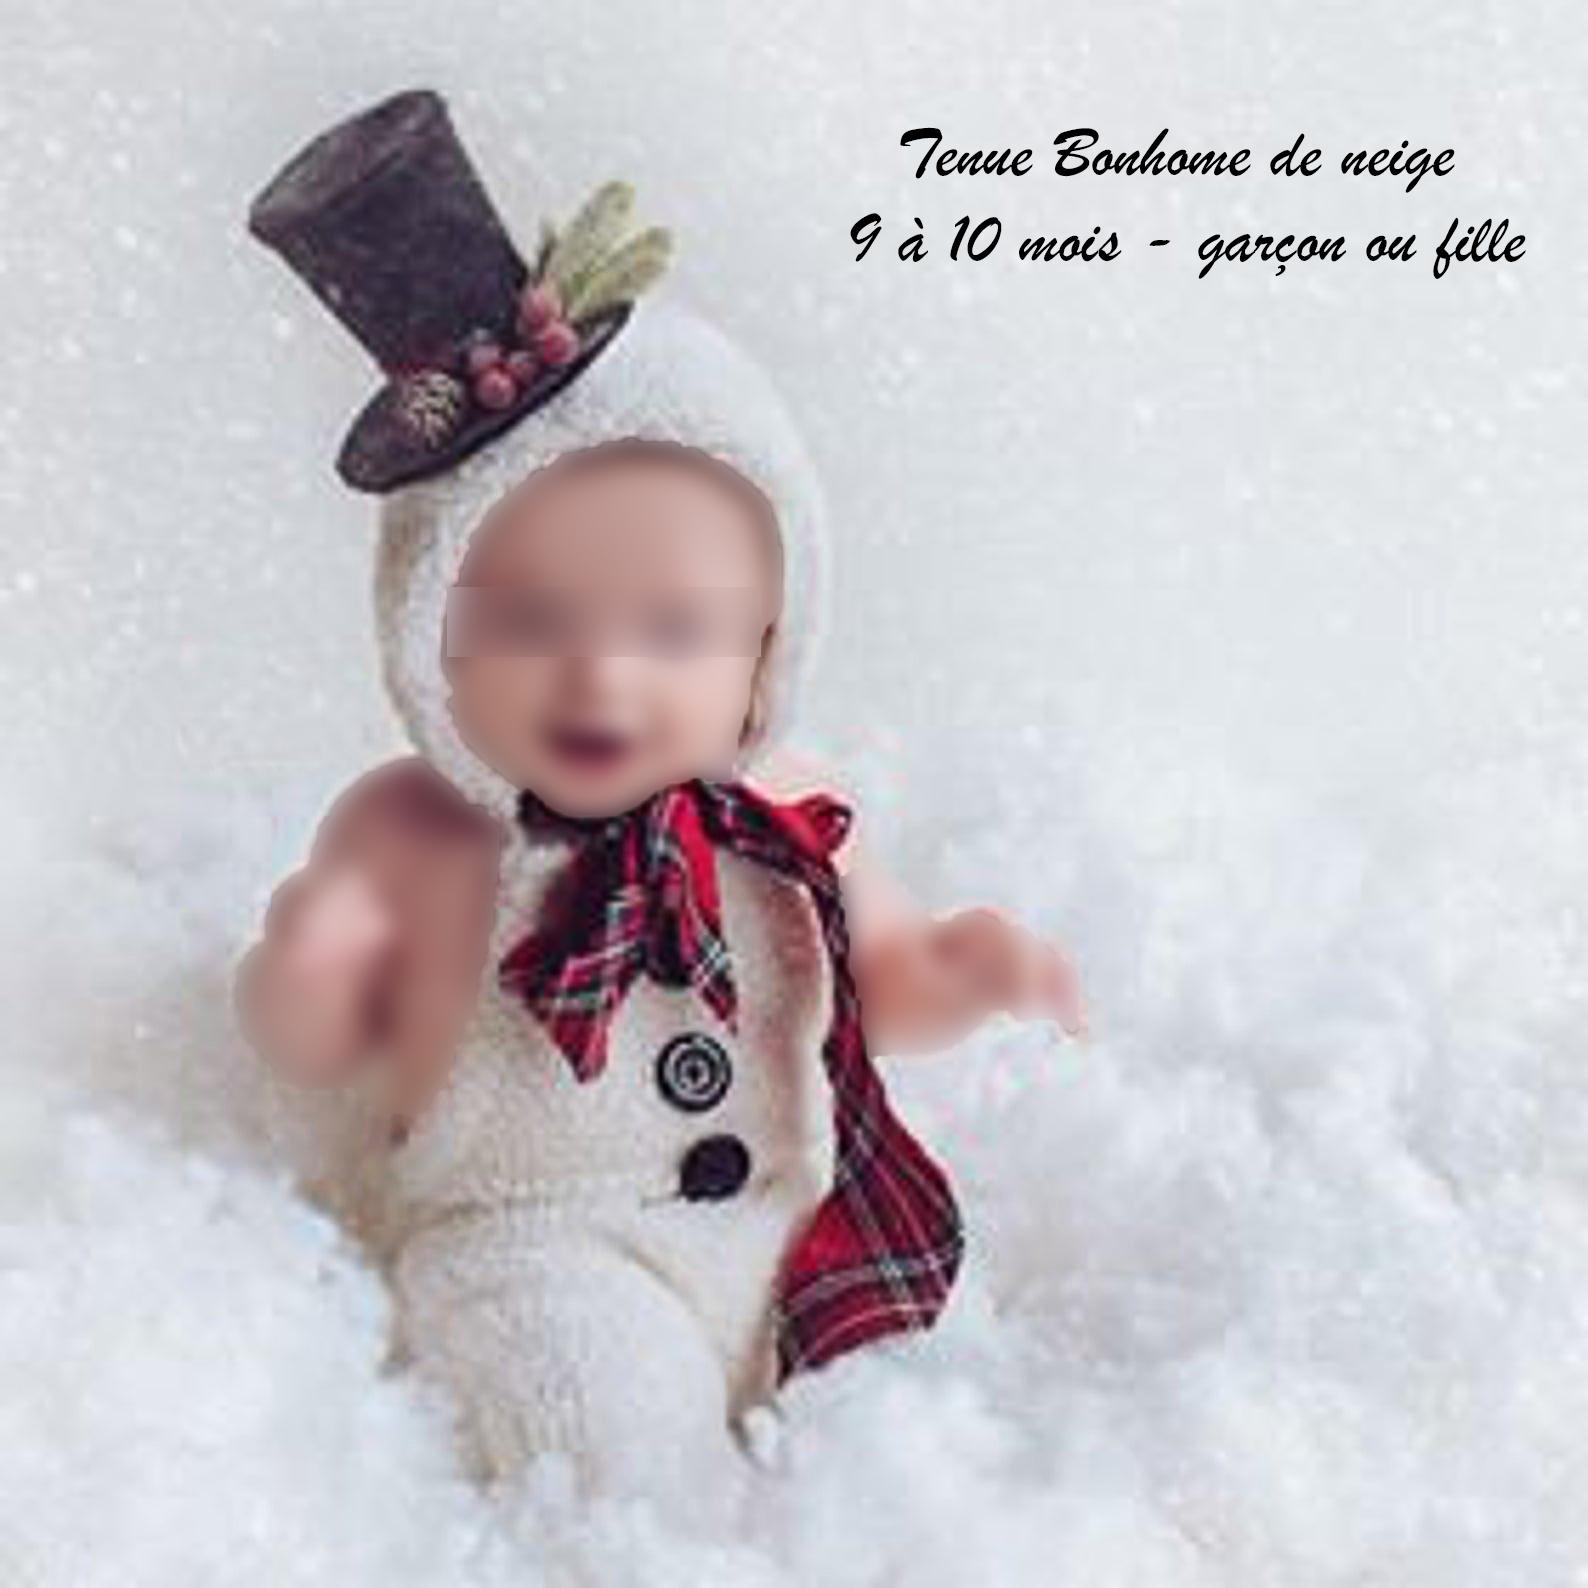 Tenue bébé bonhomme de neige